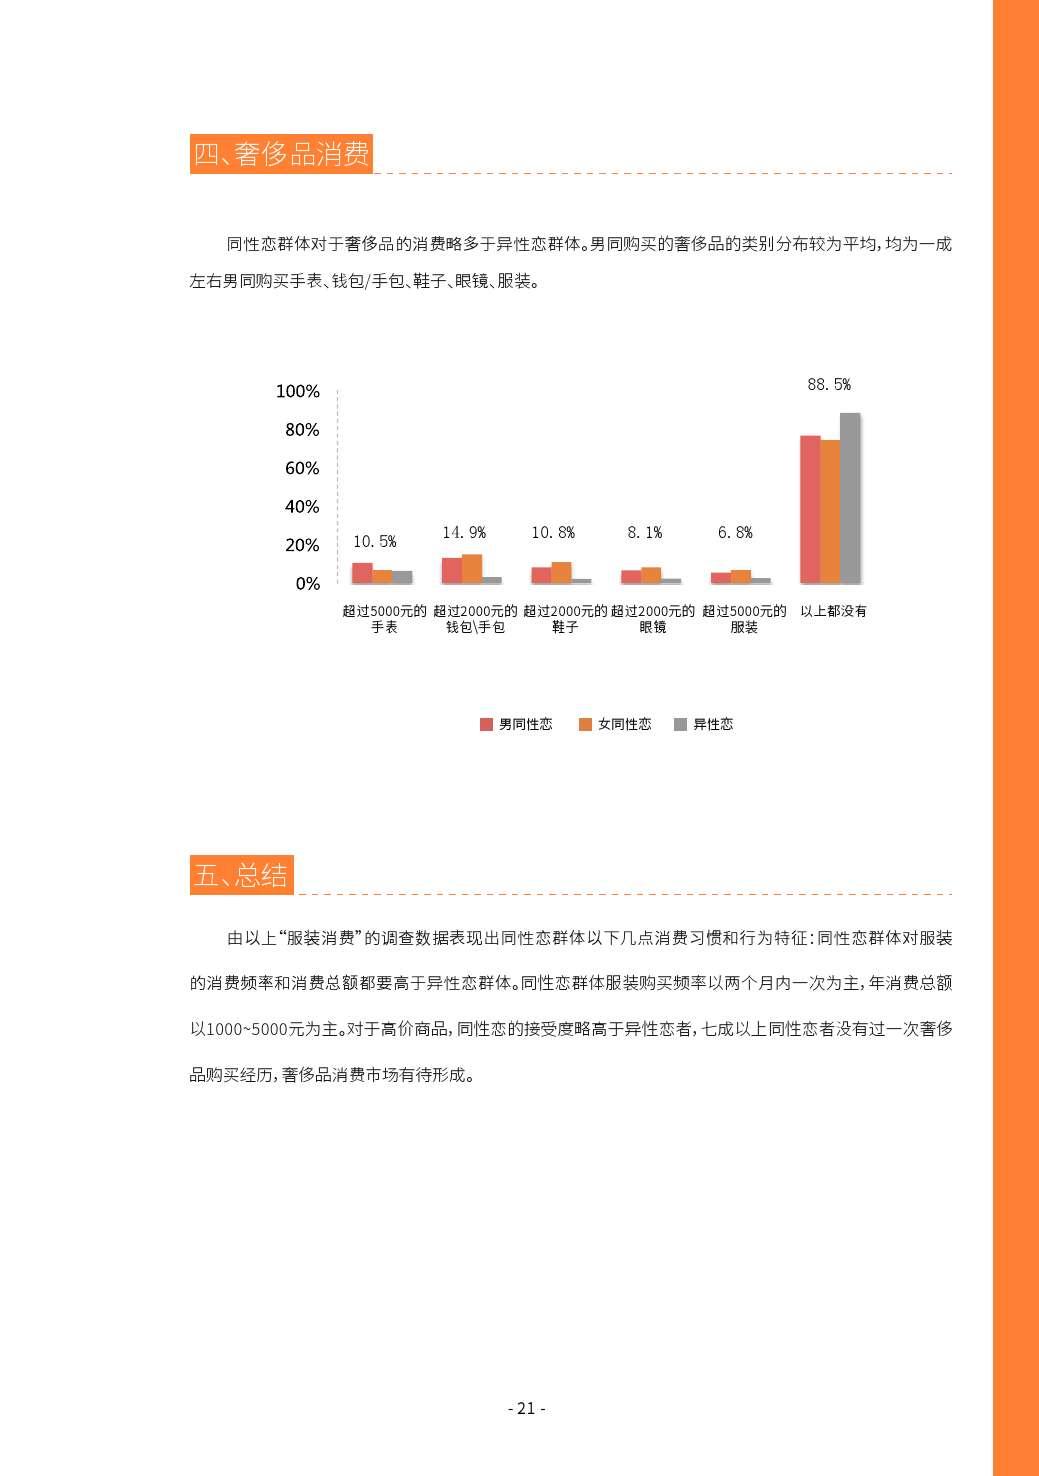 第二届中国LGBT群体消费调查报告_000021